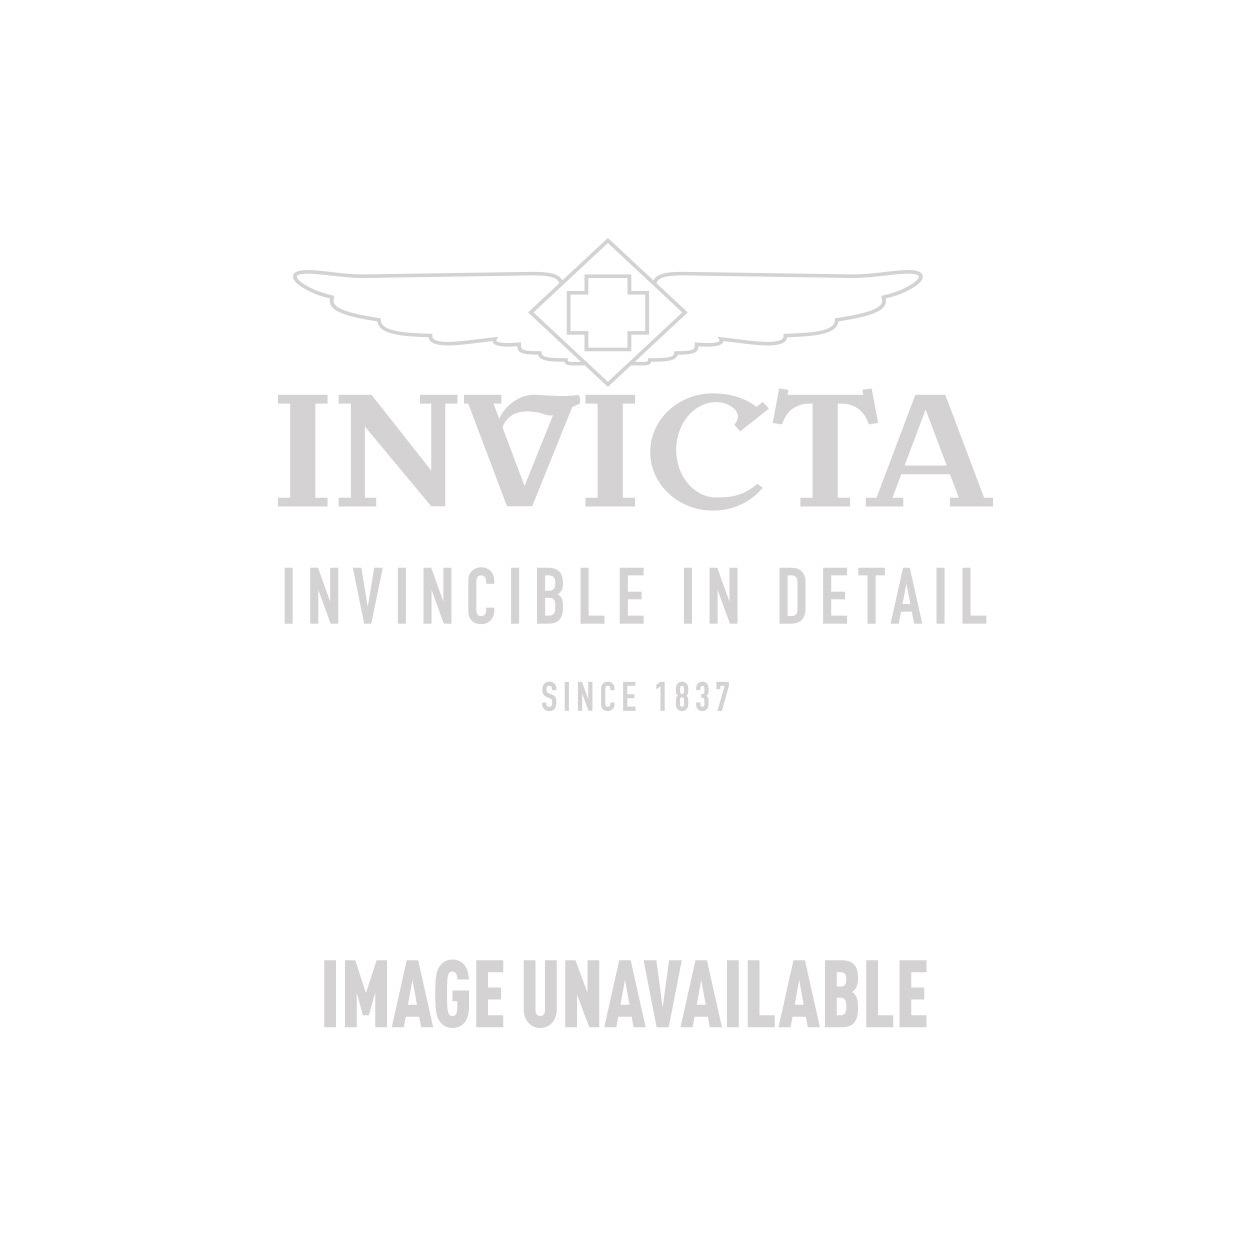 81fd055b34e Invicta Disney Limited Edition Mickey Mouse Mens Quartz 48 mm ...